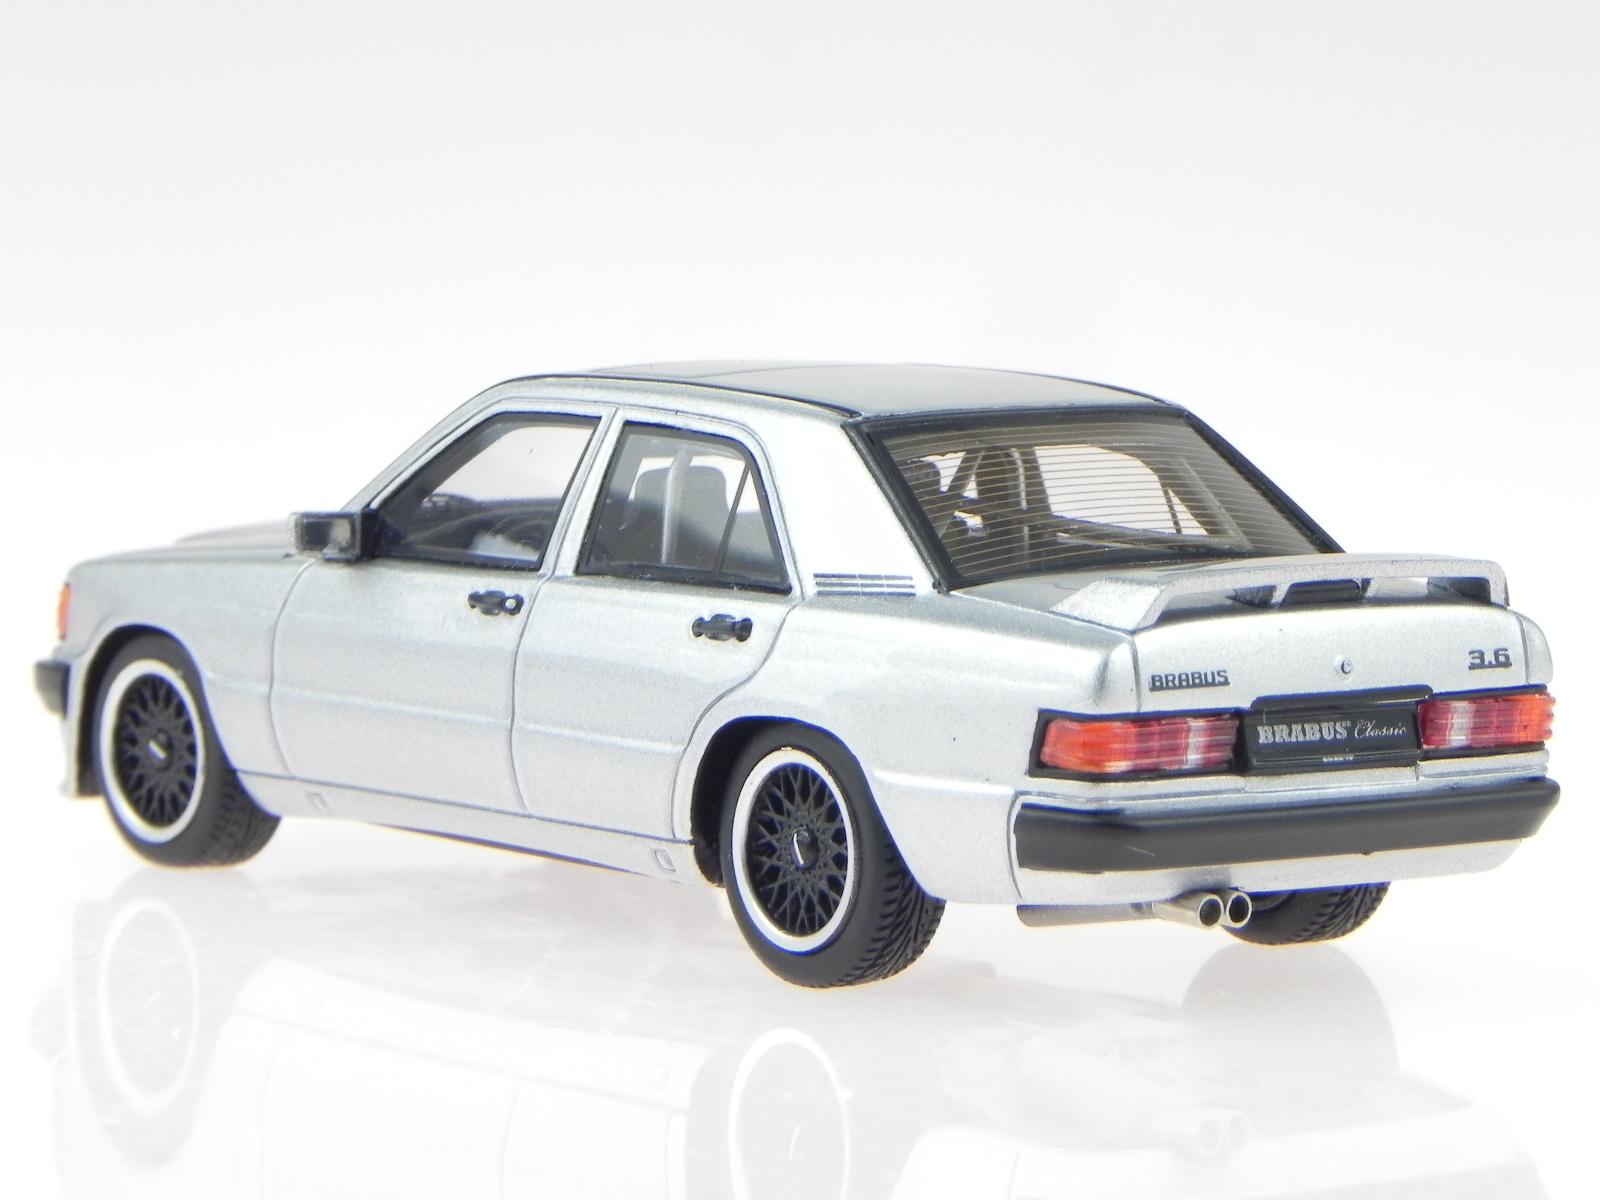 Mercedes-W201-Brabus-190E-3-6S-1989-argent-vehicule-miniature-Minichamps-1-43